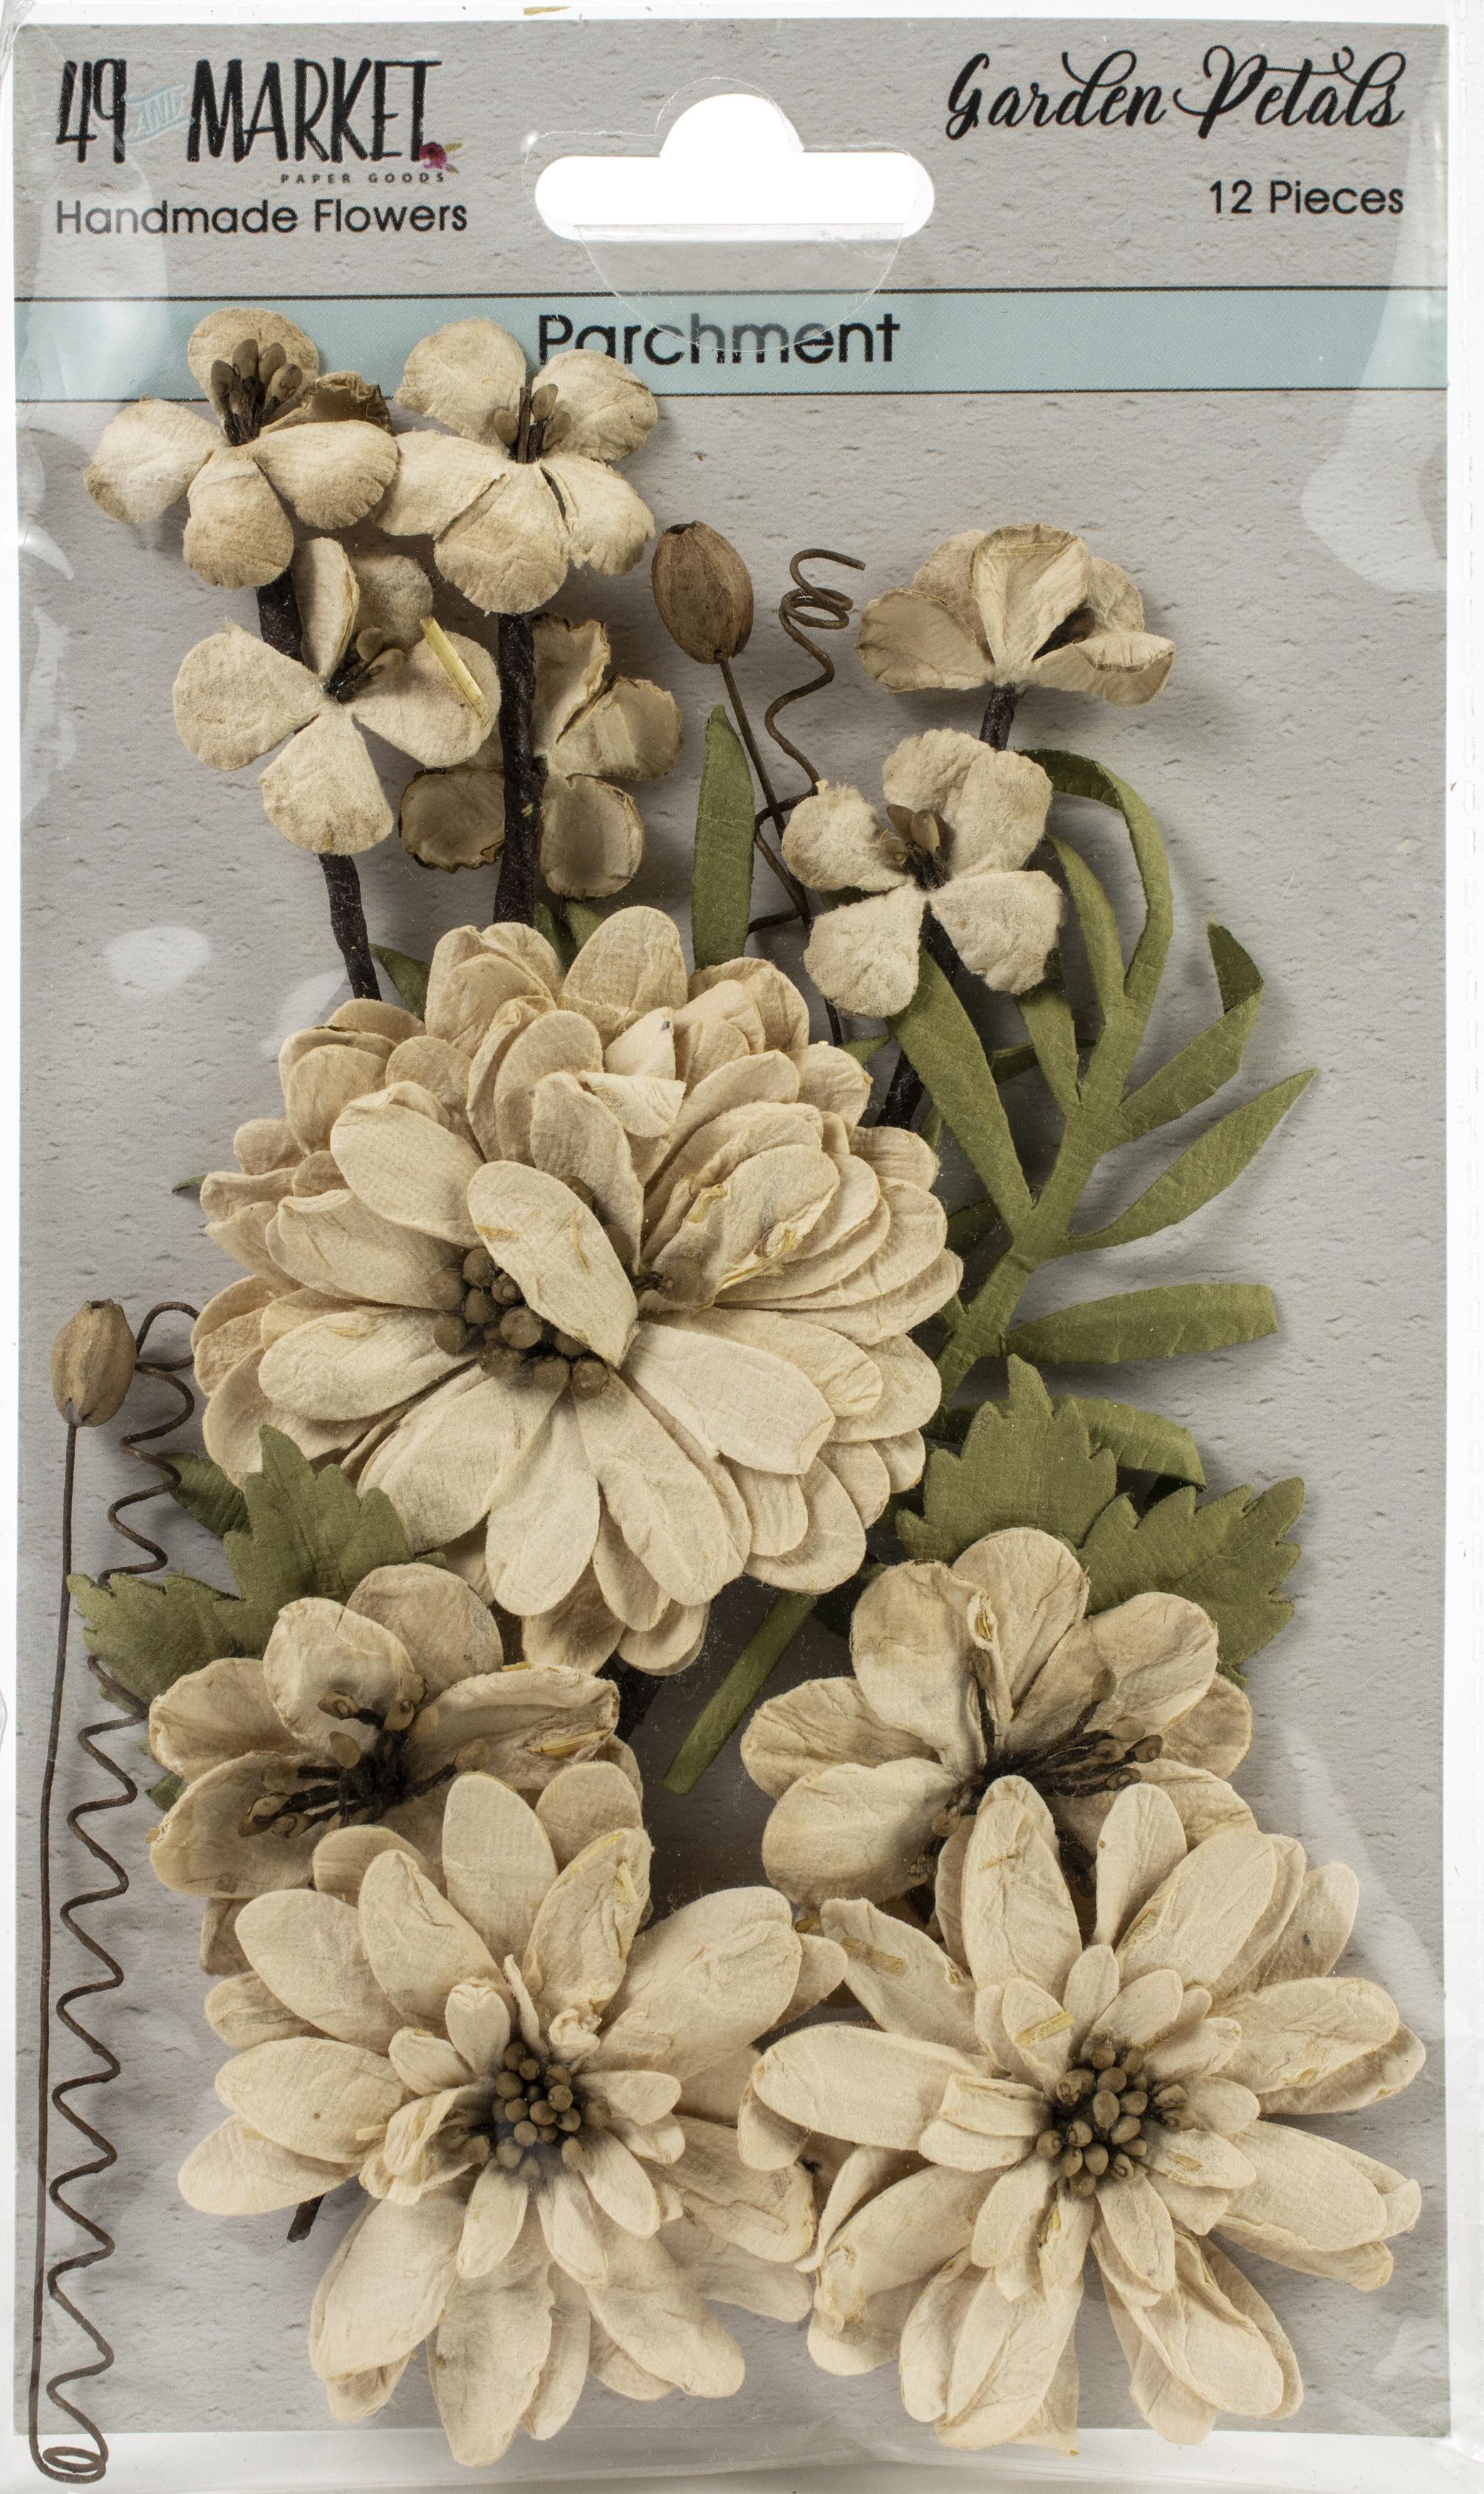 49 And Market Garden Petals 12/Pkg-Parchment